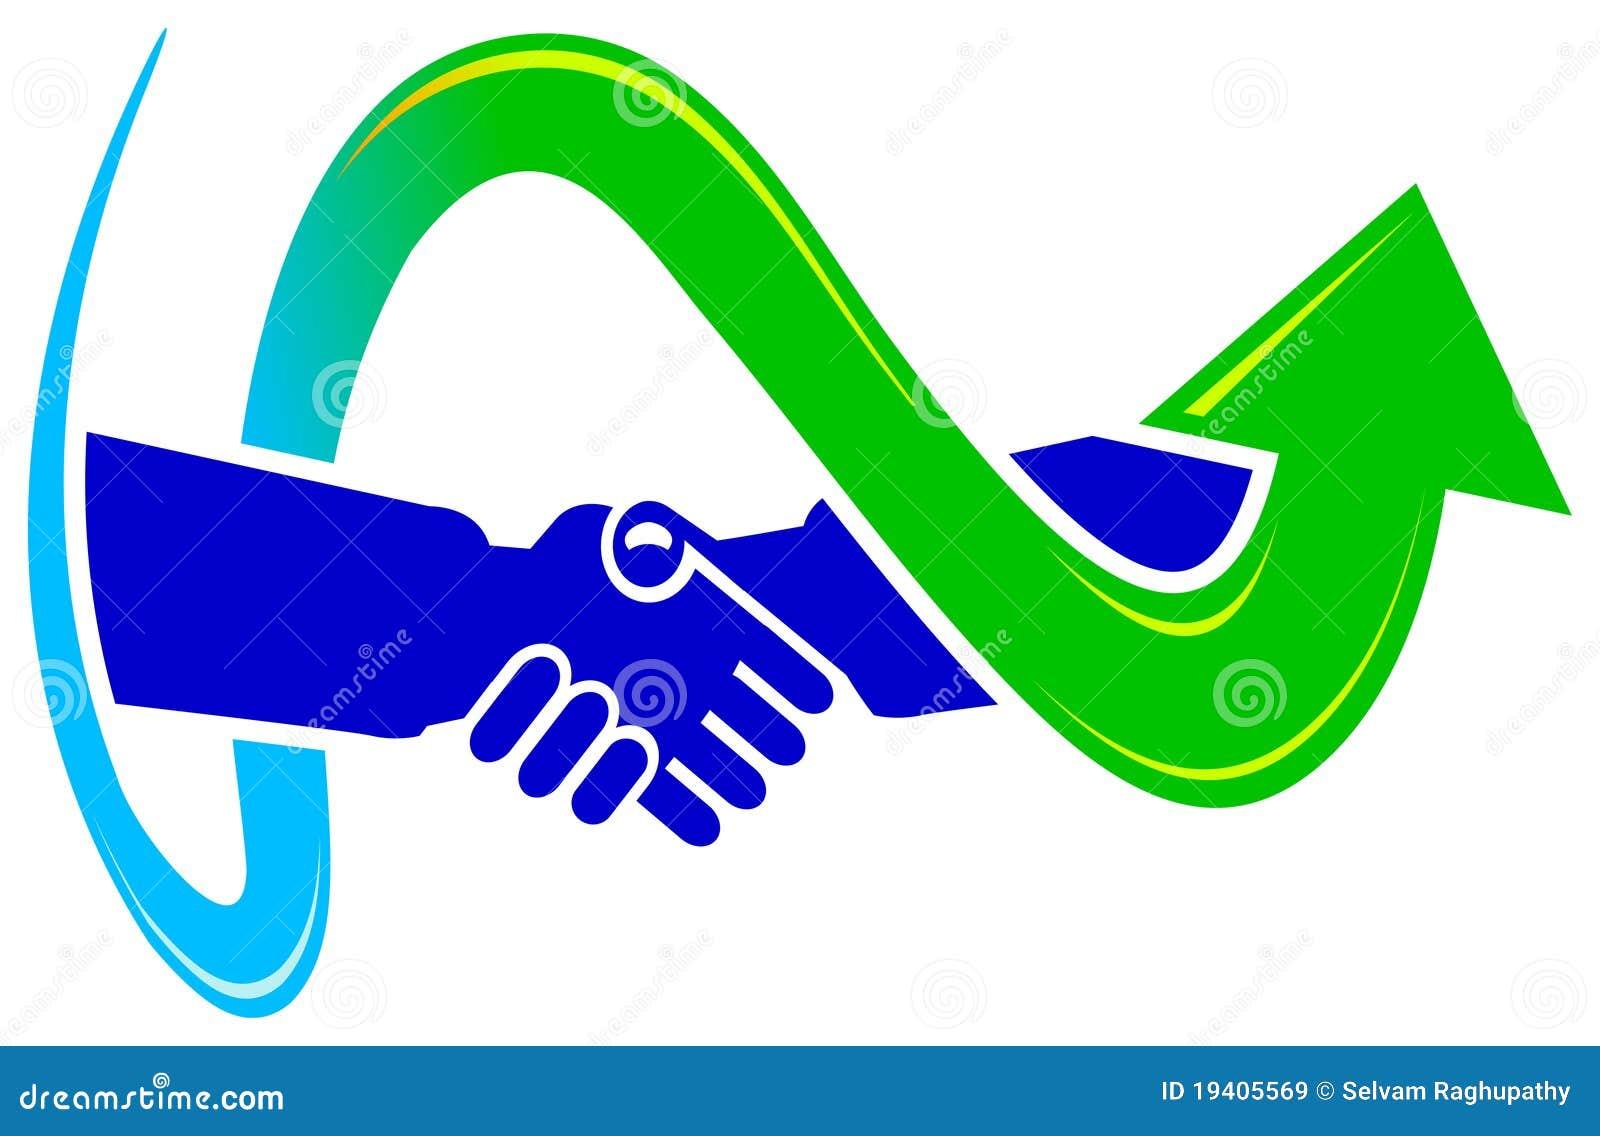 Legal Agreement For Logo Design